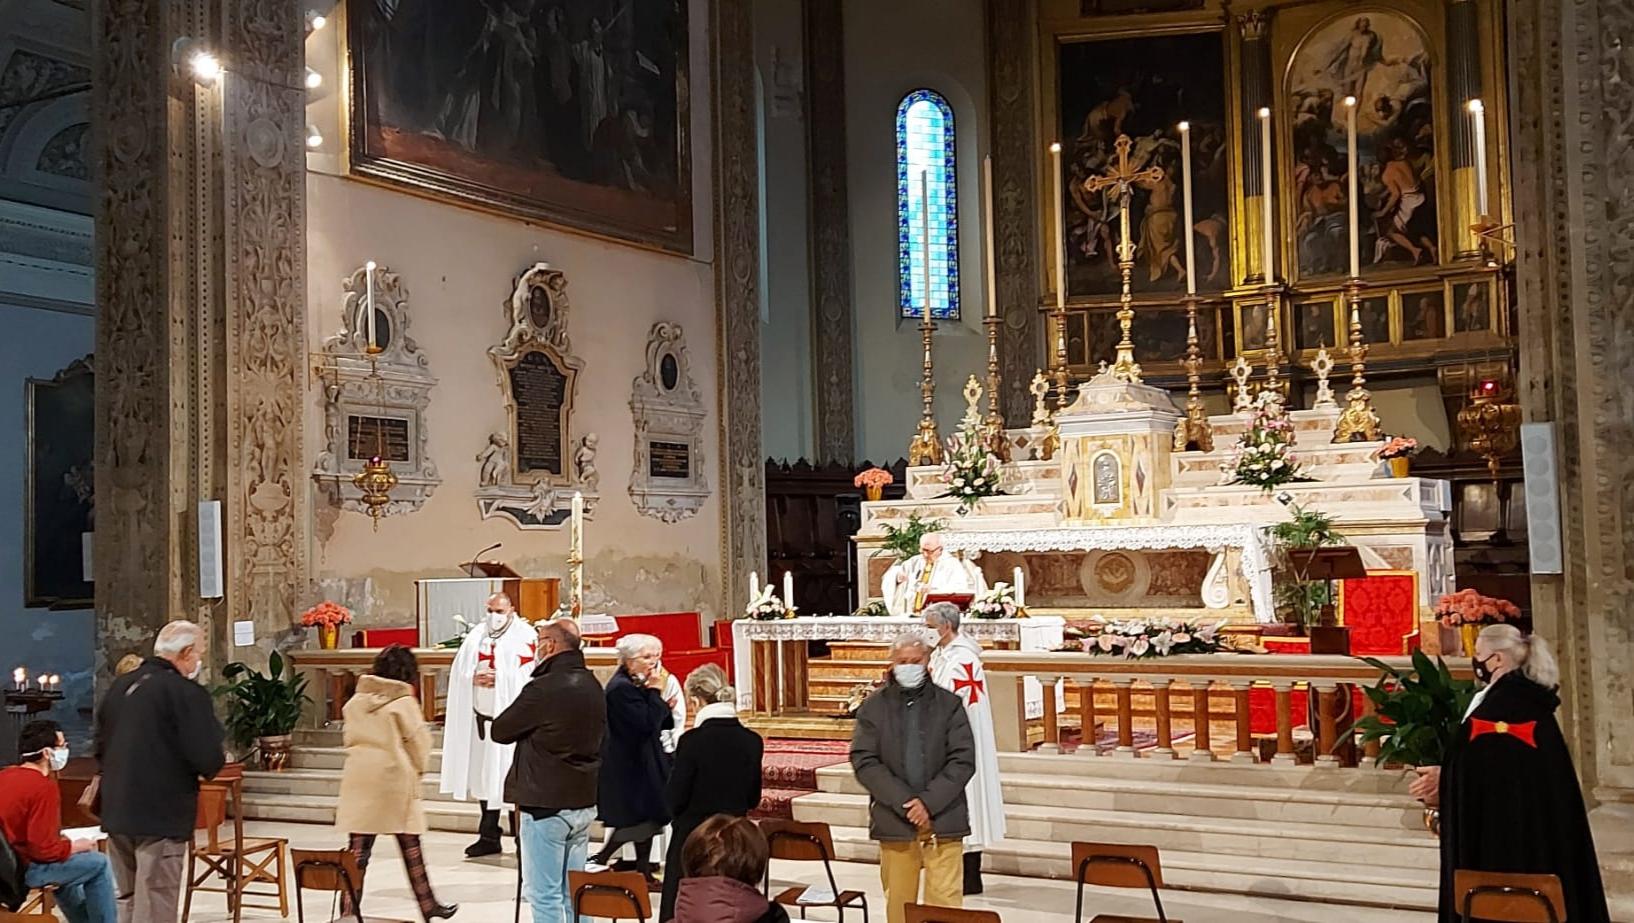 Turno di Custodia Santa Messa presso Basilica di San Francesco a Ferrara 11.04.2021